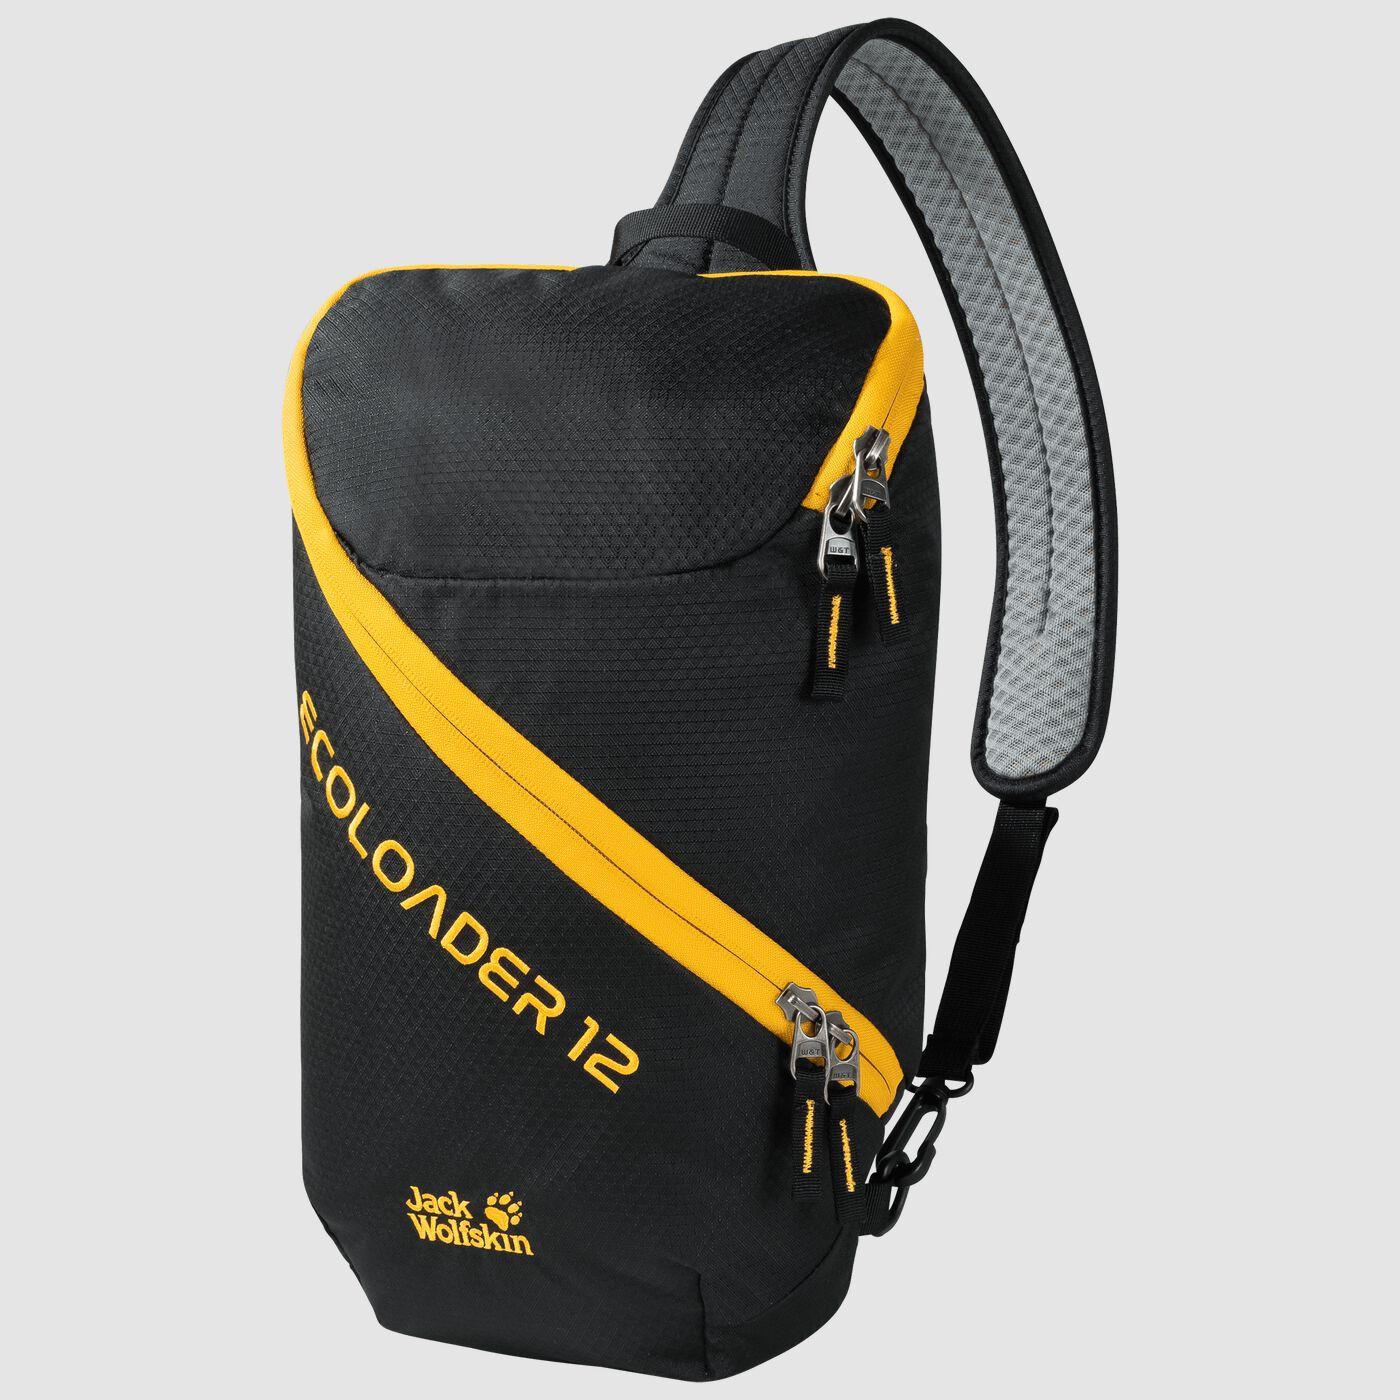 ECOLOADER 12 BAG